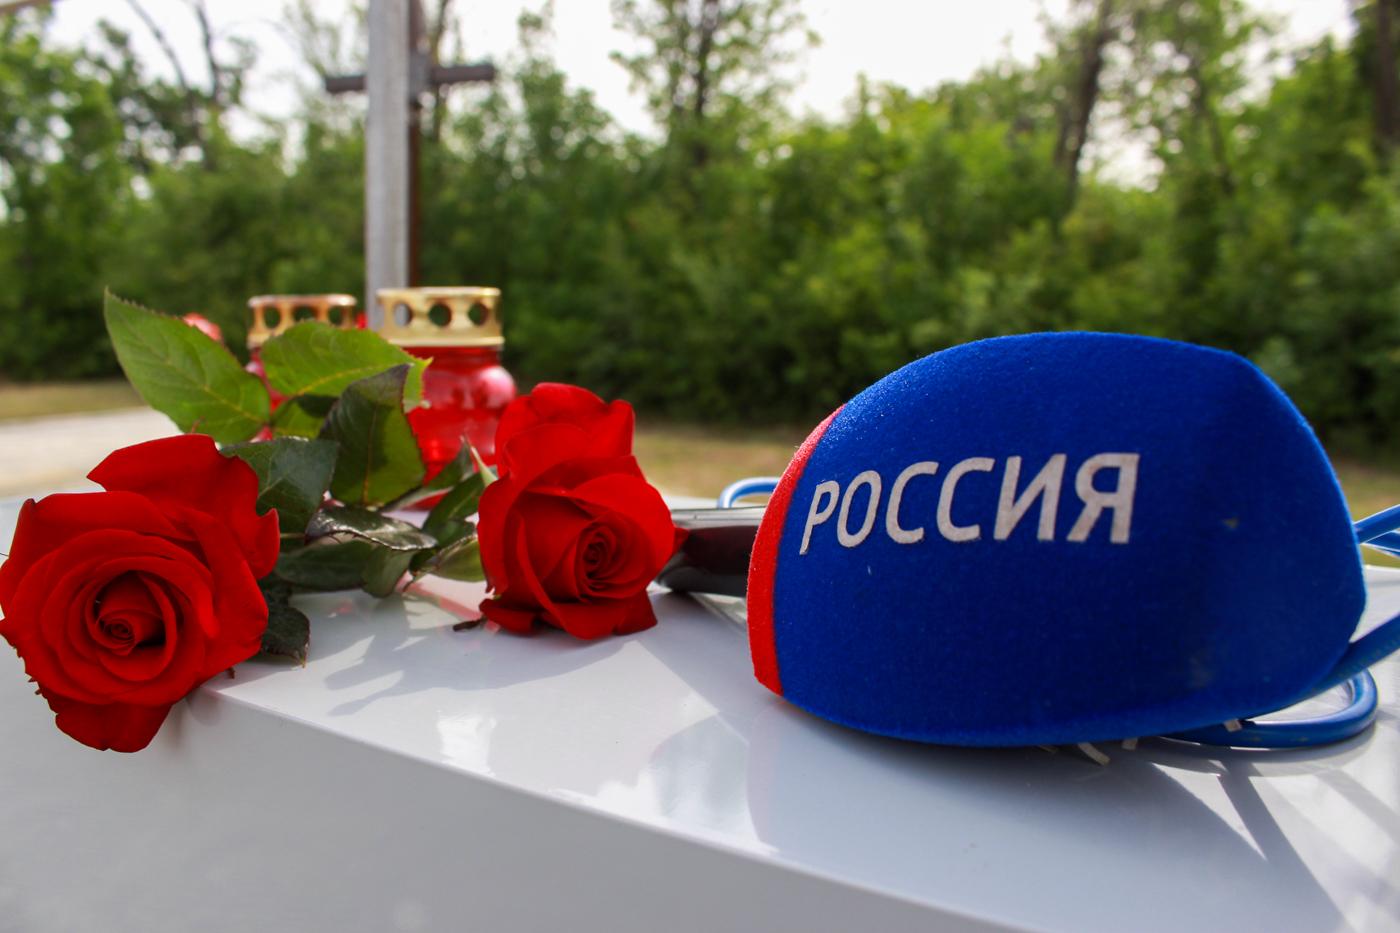 В ЛНР почтили память российских журналистов, погибших из-за миномётного обстрела со стороны ВСУ в 2014 году